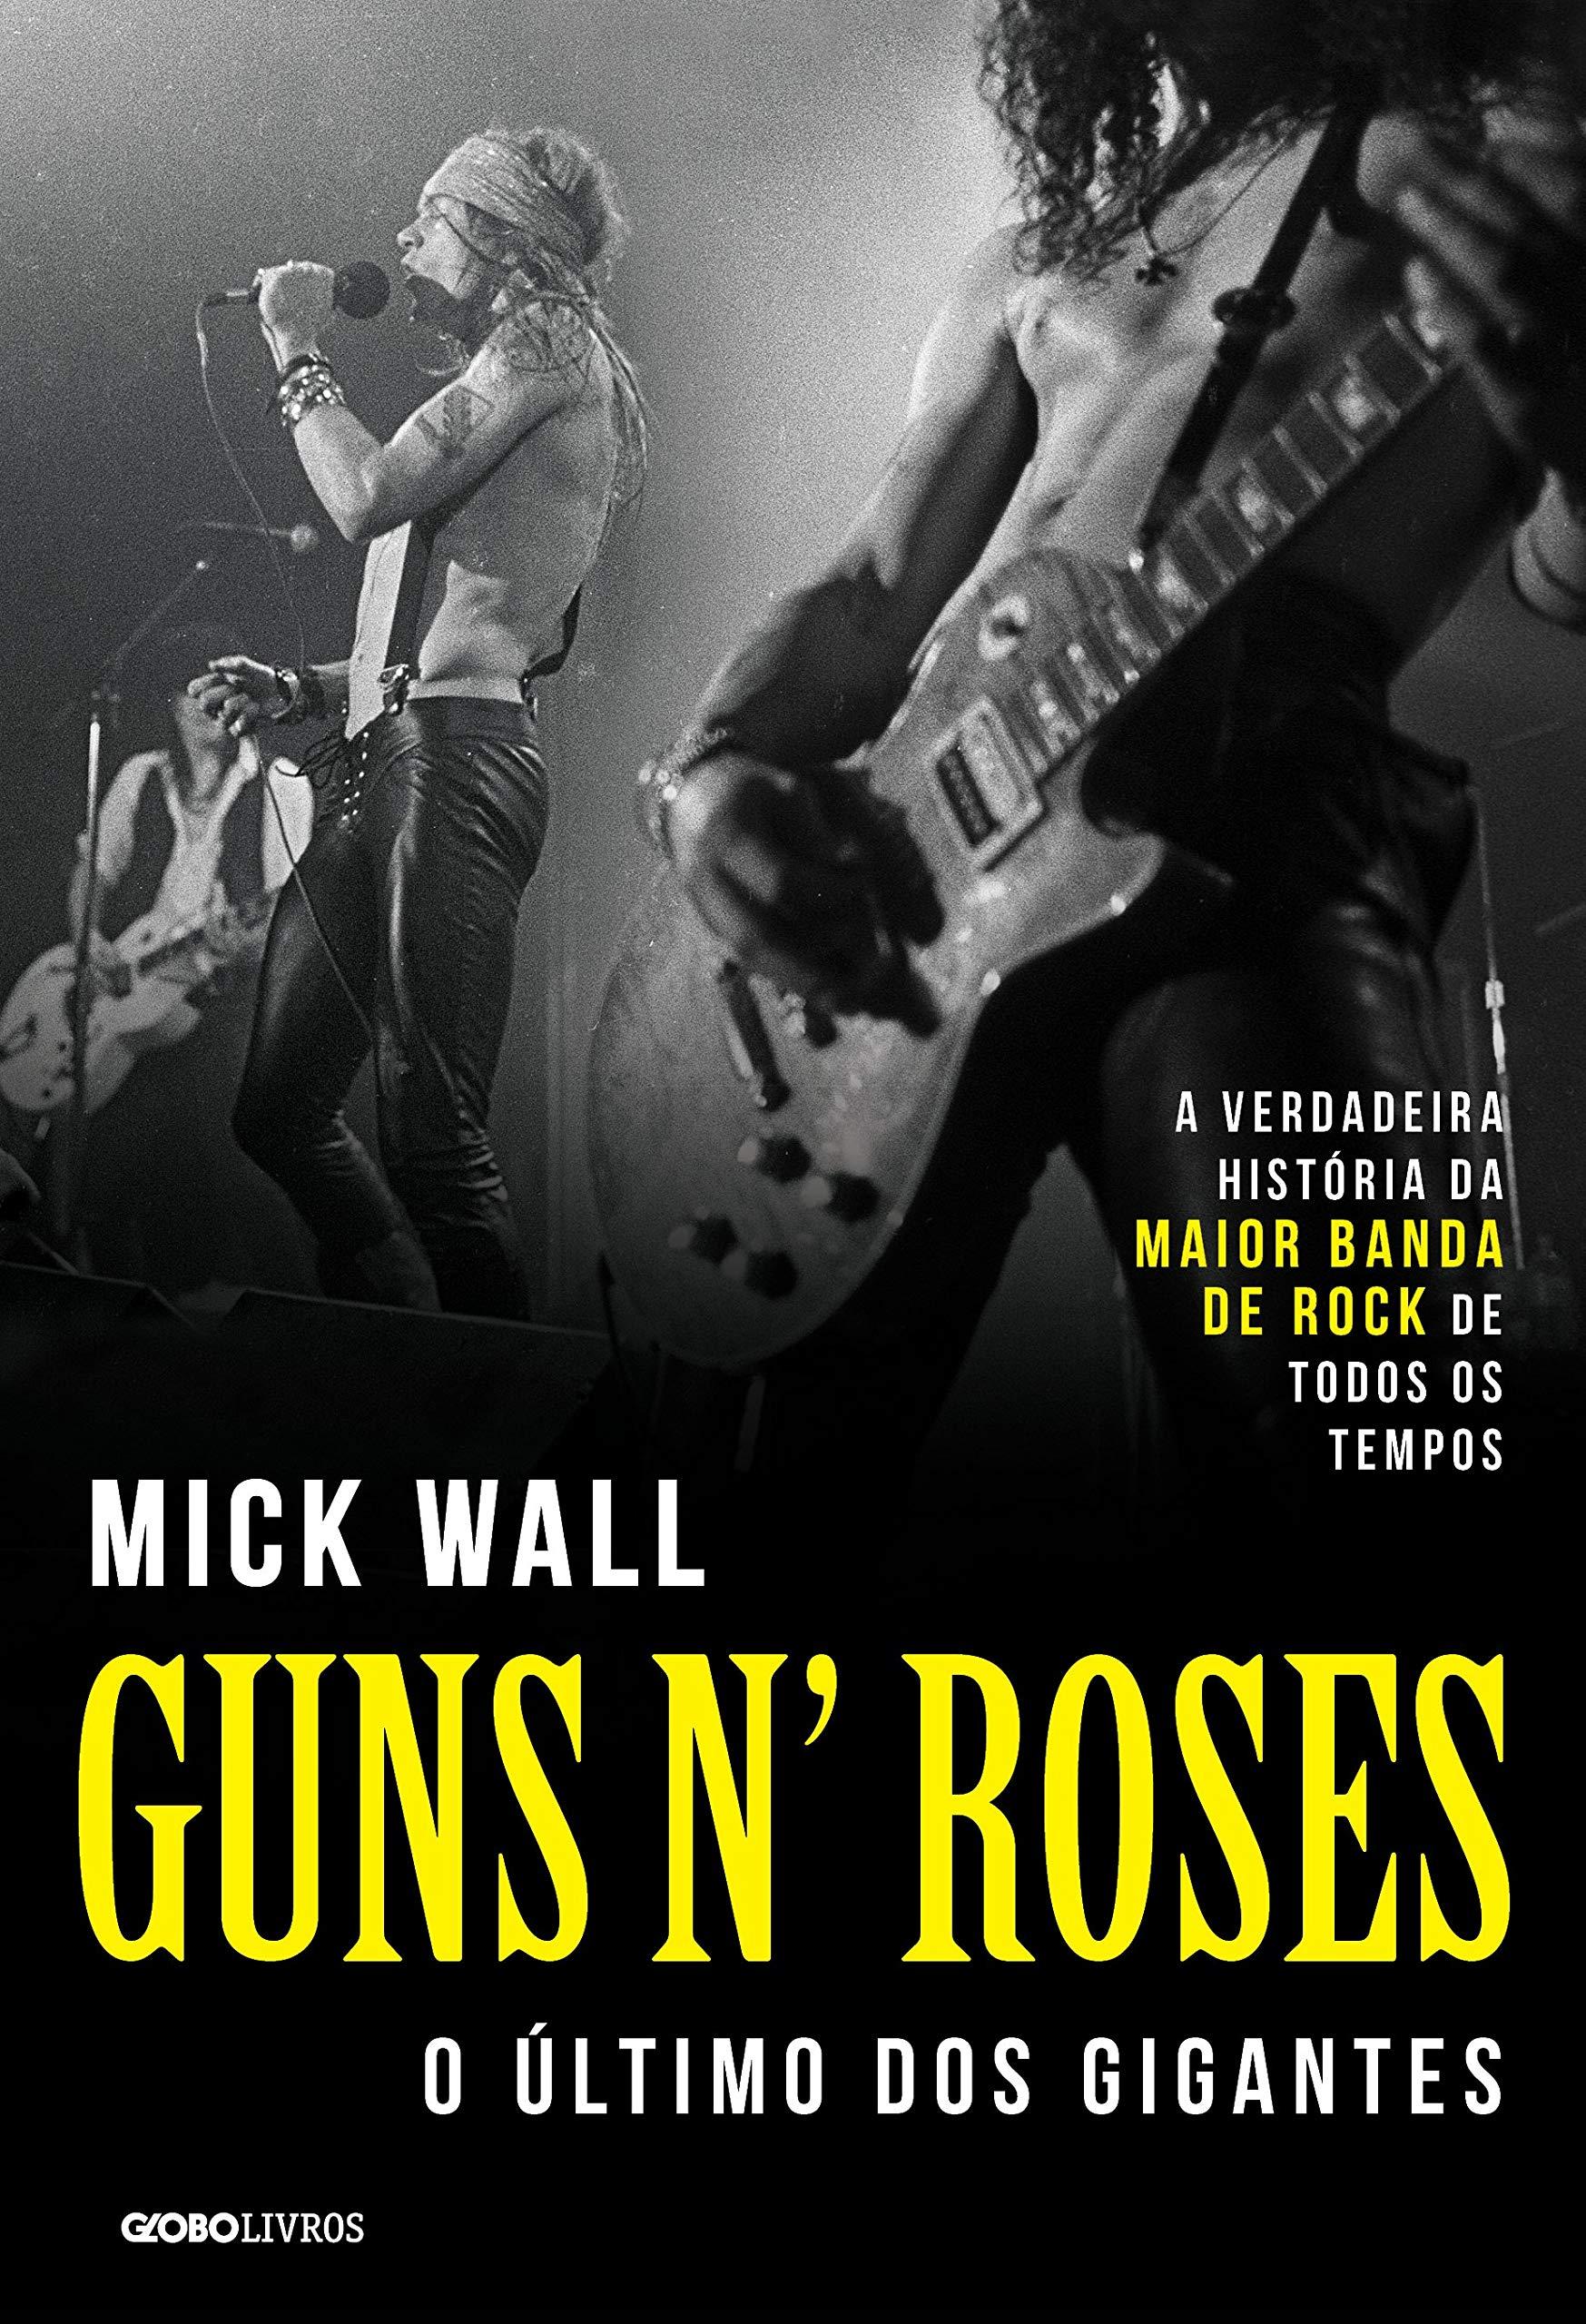 Crédito: Reprodução / Globo Livros